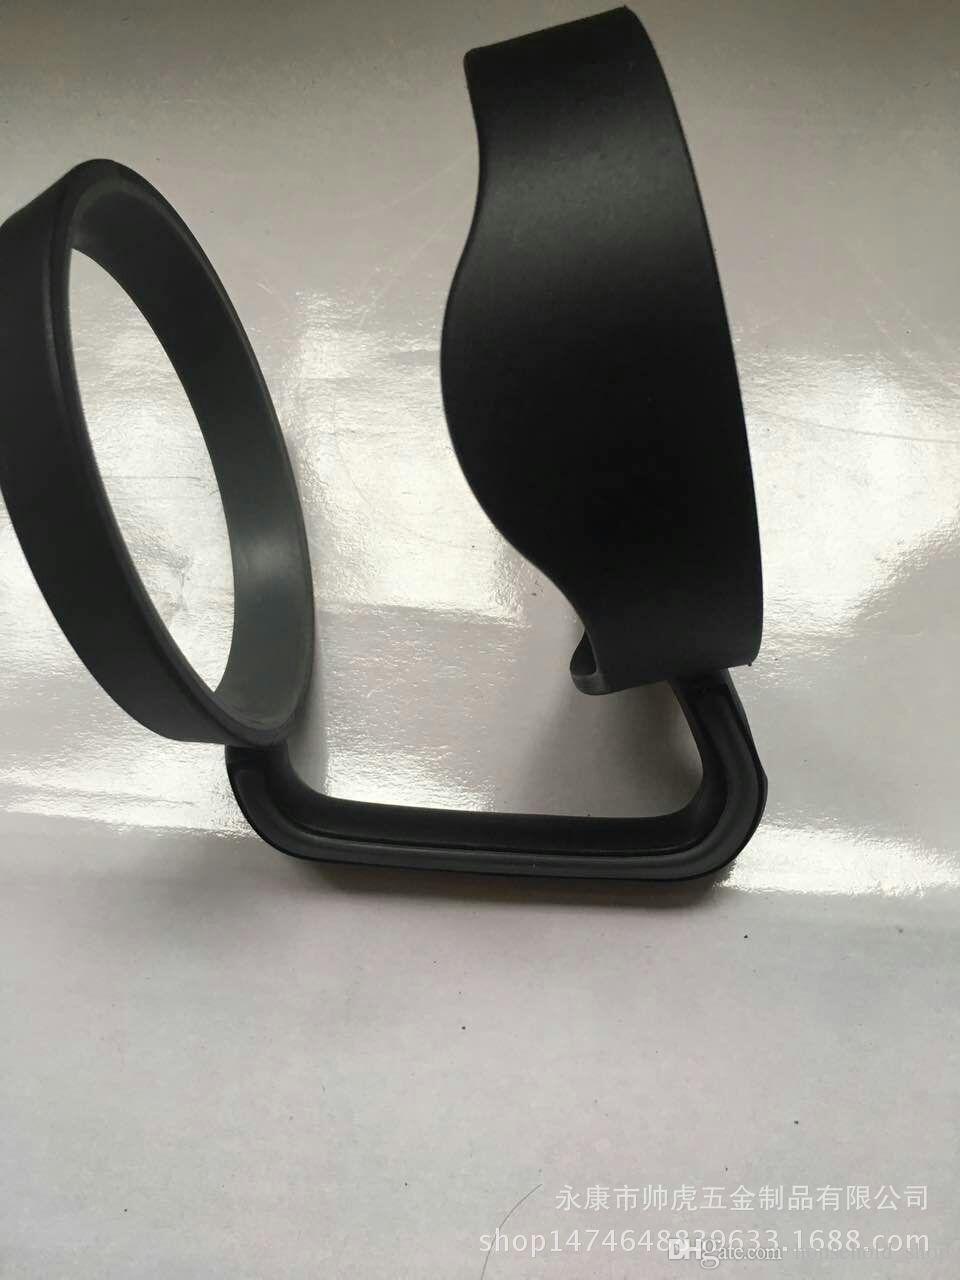 Titular canecas ForRocky Mountain Handle 840 ml Copo De Plástico Preto Punho Mão Titular Fit Canecas de Viagem Drinkware